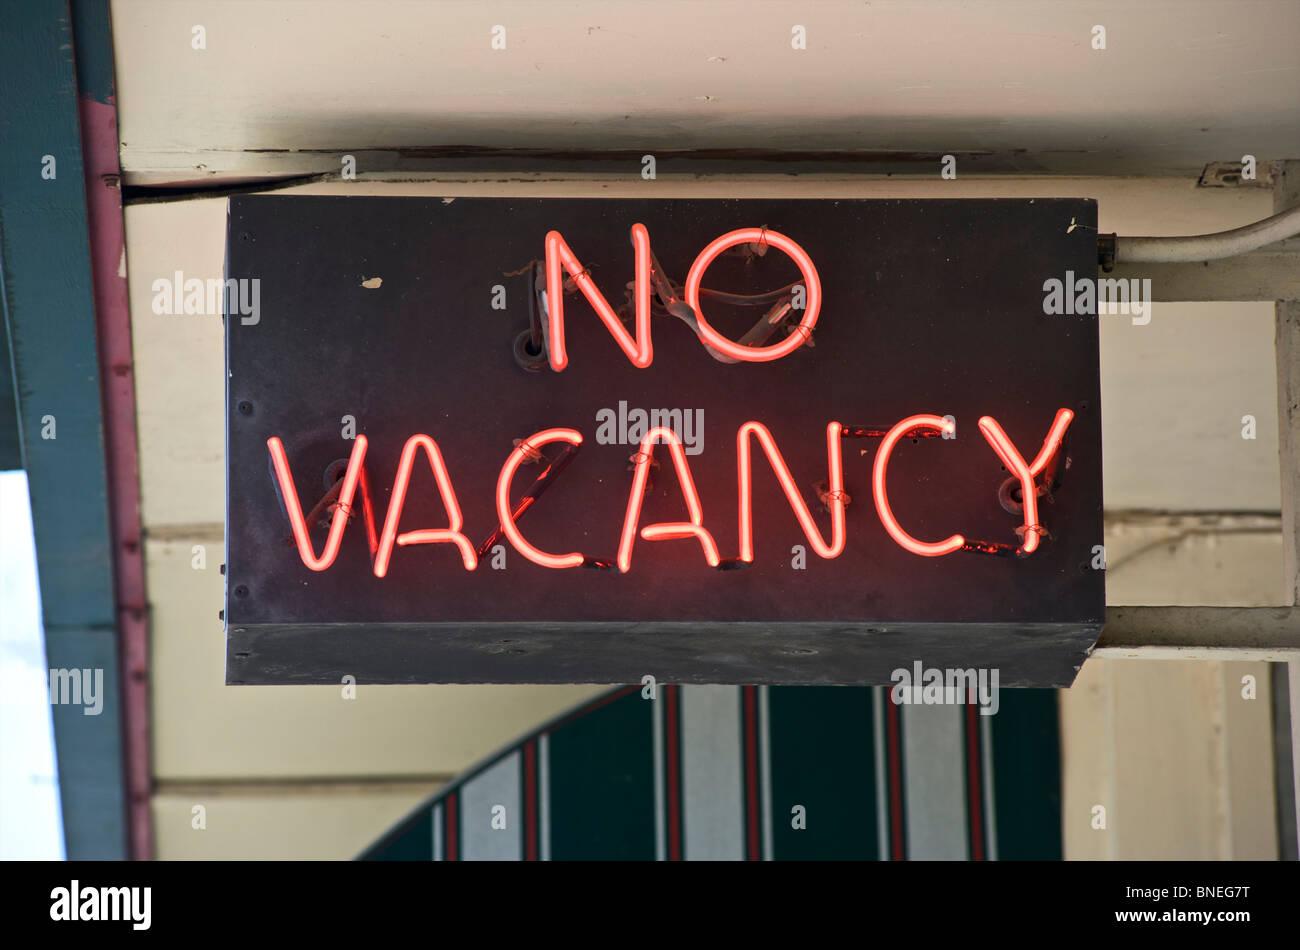 Pas de poste vacant en néon à l'extérieur de l'hôtel, Texas, États-Unis Banque D'Images